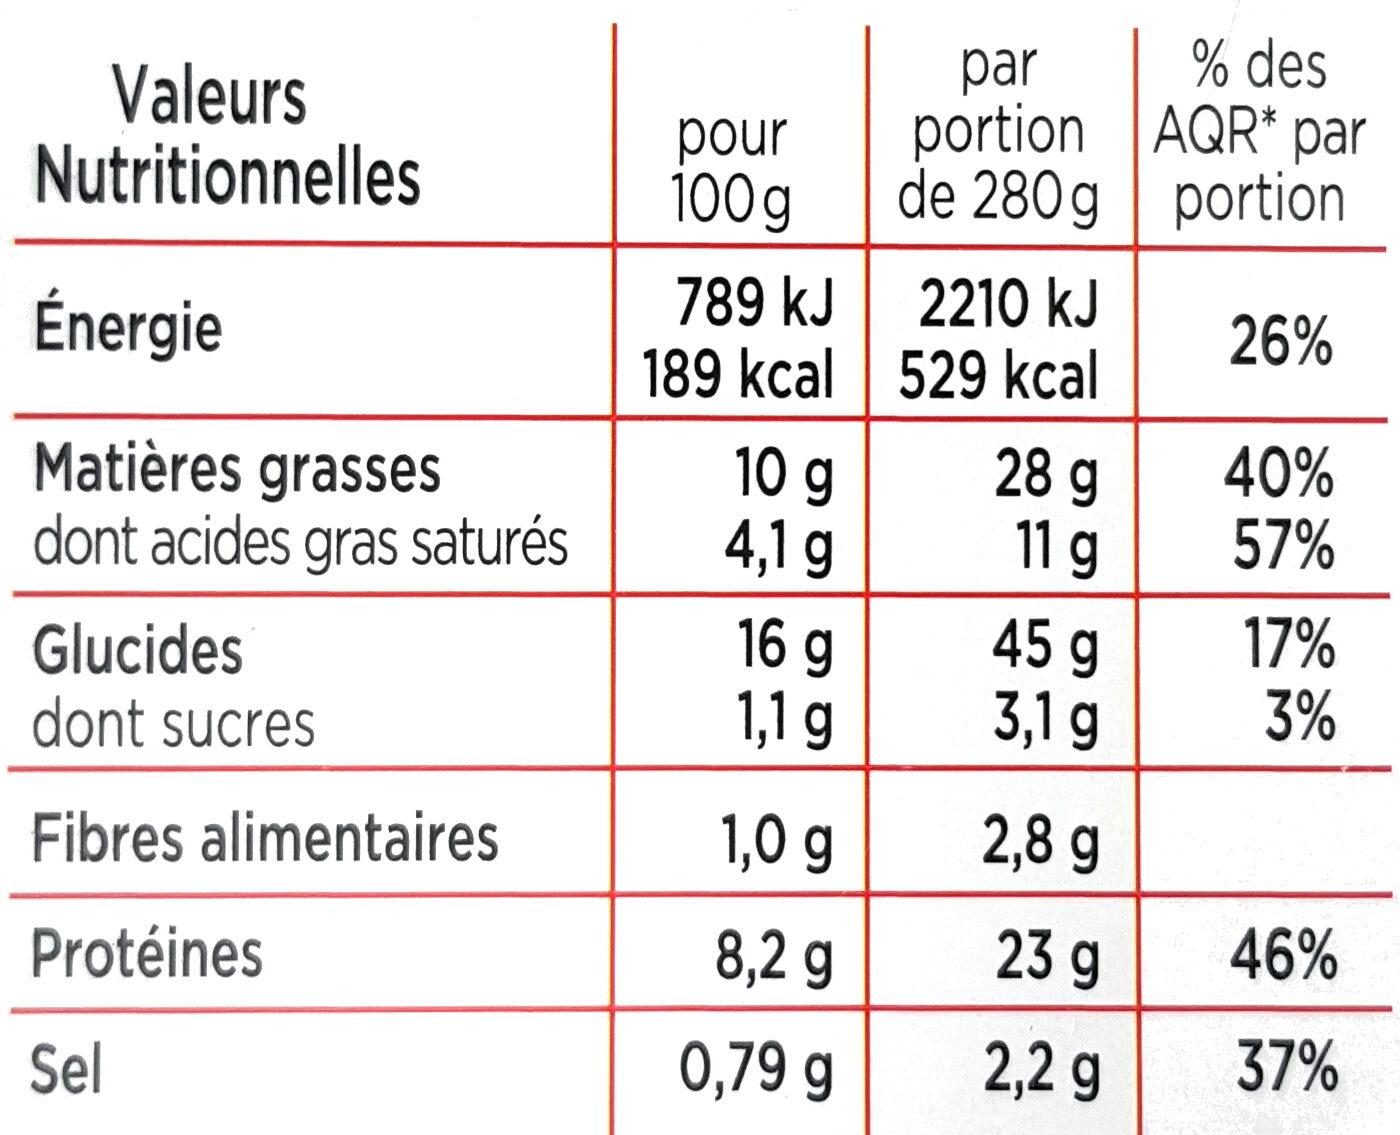 Cordon bleu coquillettes au fromage - Informations nutritionnelles - fr